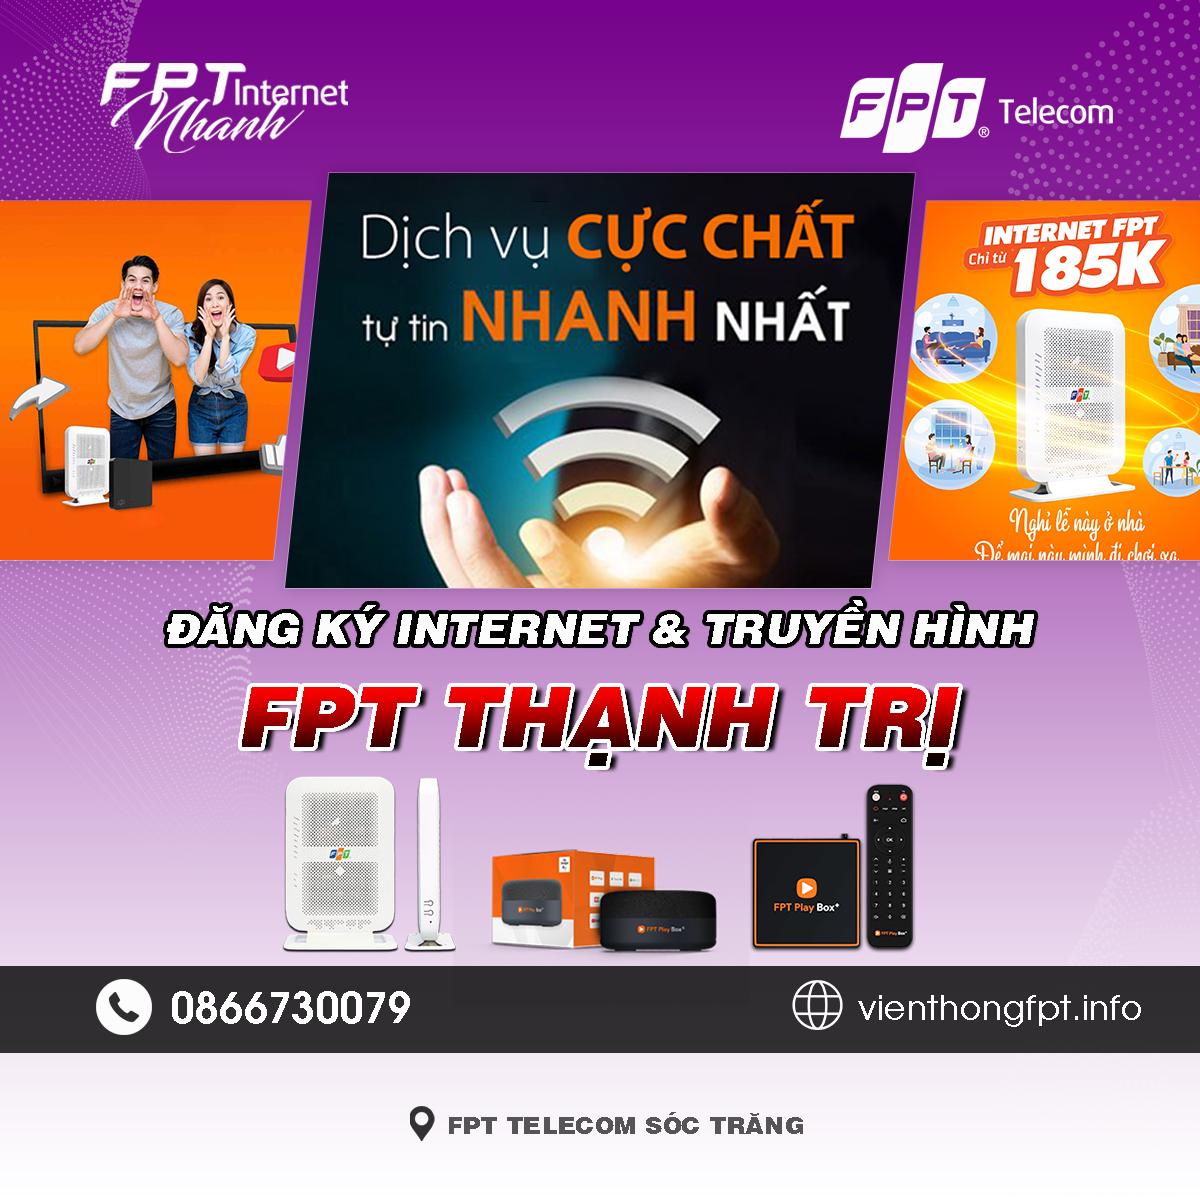 Tổng đài FPT Thạnh Trị - Đơn vị lắp mạng Internet và Truyền hình FPT